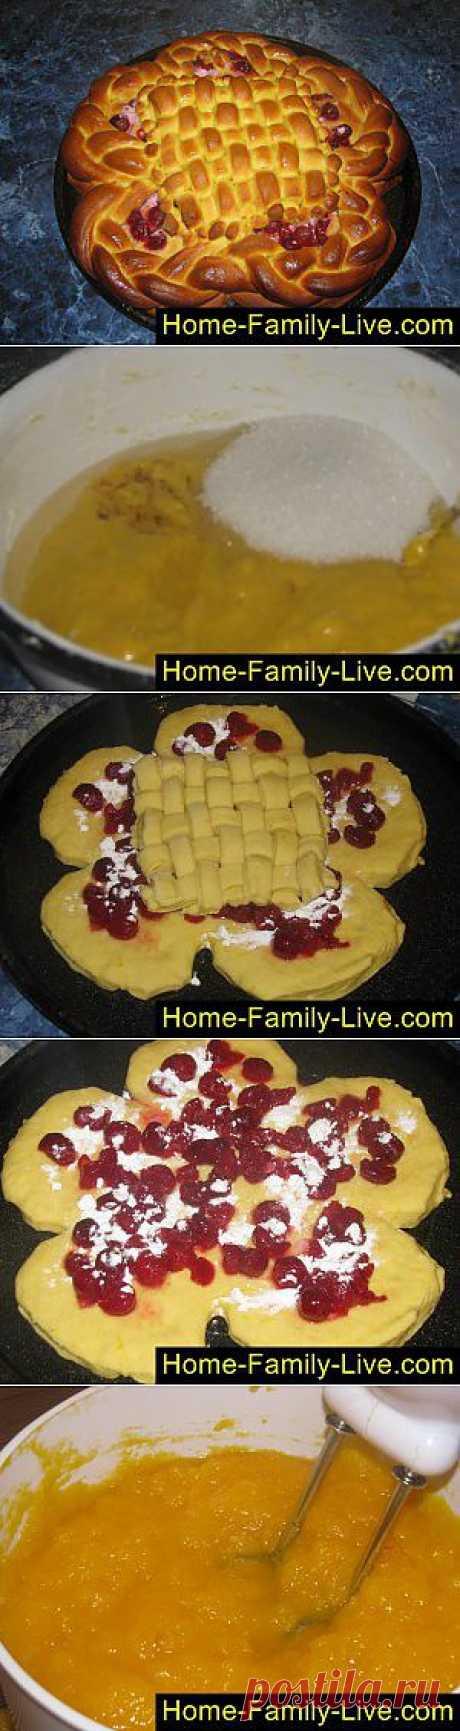 Кулинарные рецепты Пирог из тыквенного теста - пошаговый фоторецепт - пирог с вишней